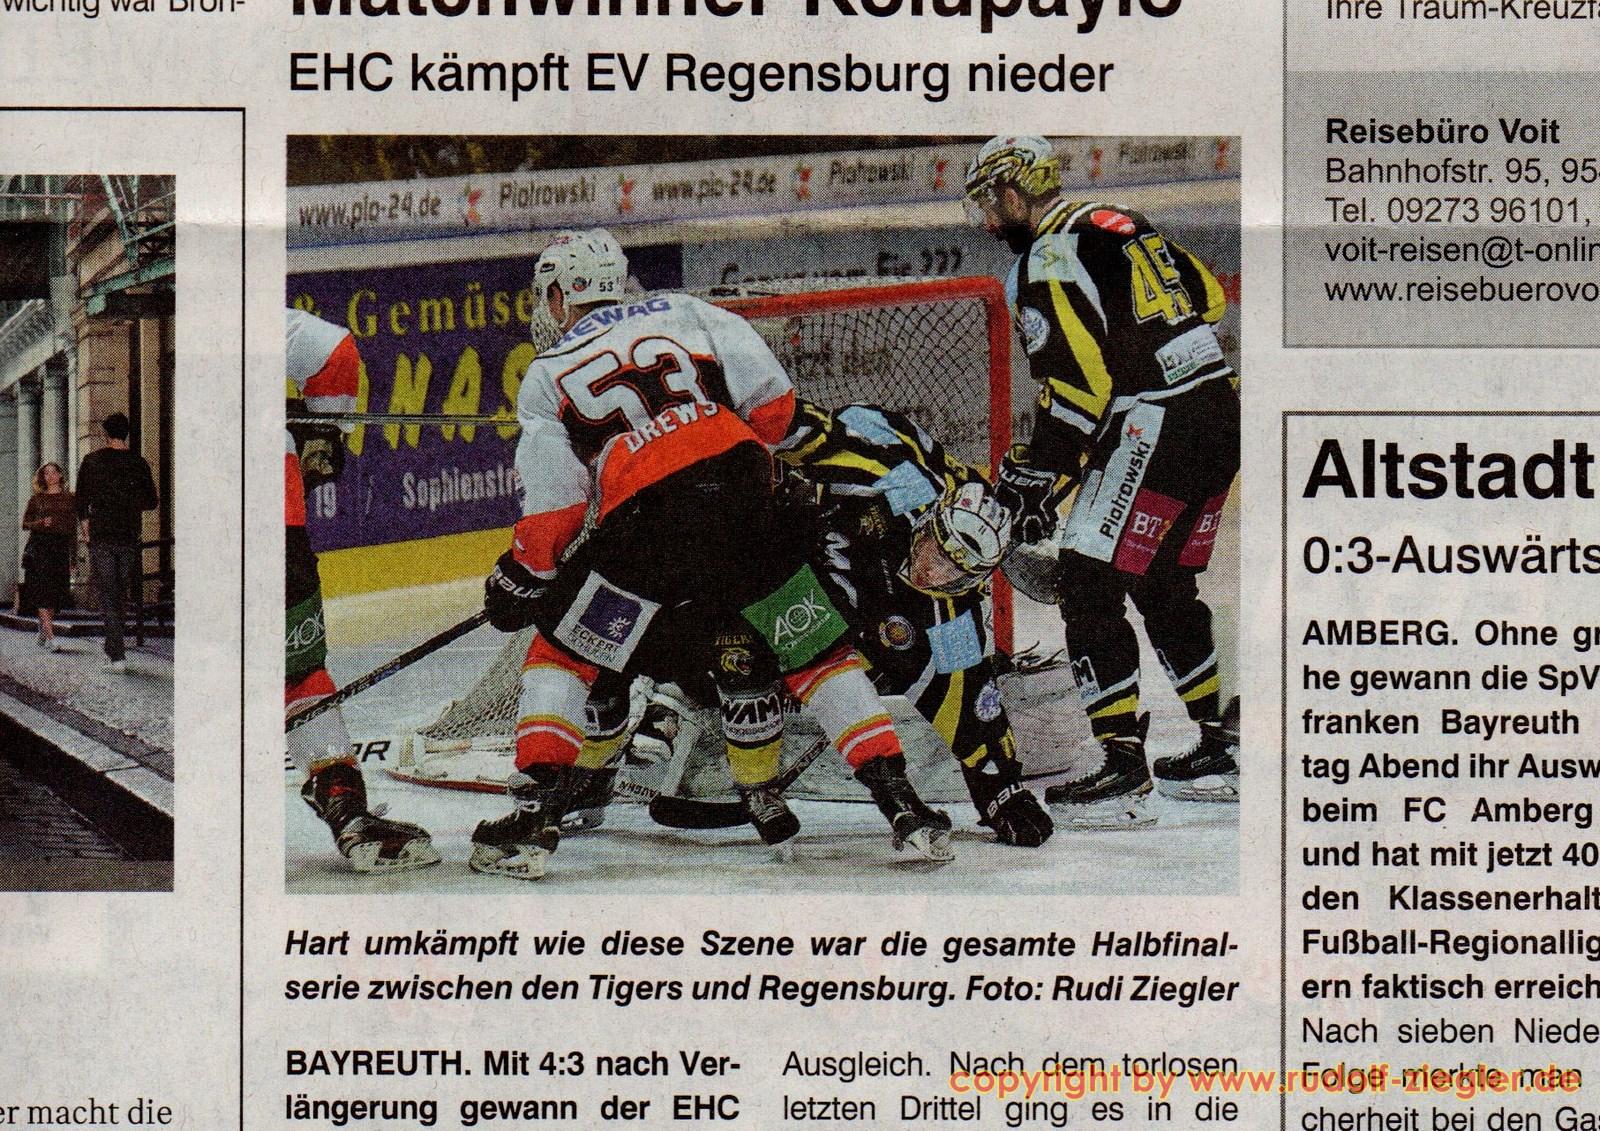 Bayreuther Sonntagszeitung 2016-04-10-A (1600x1200)